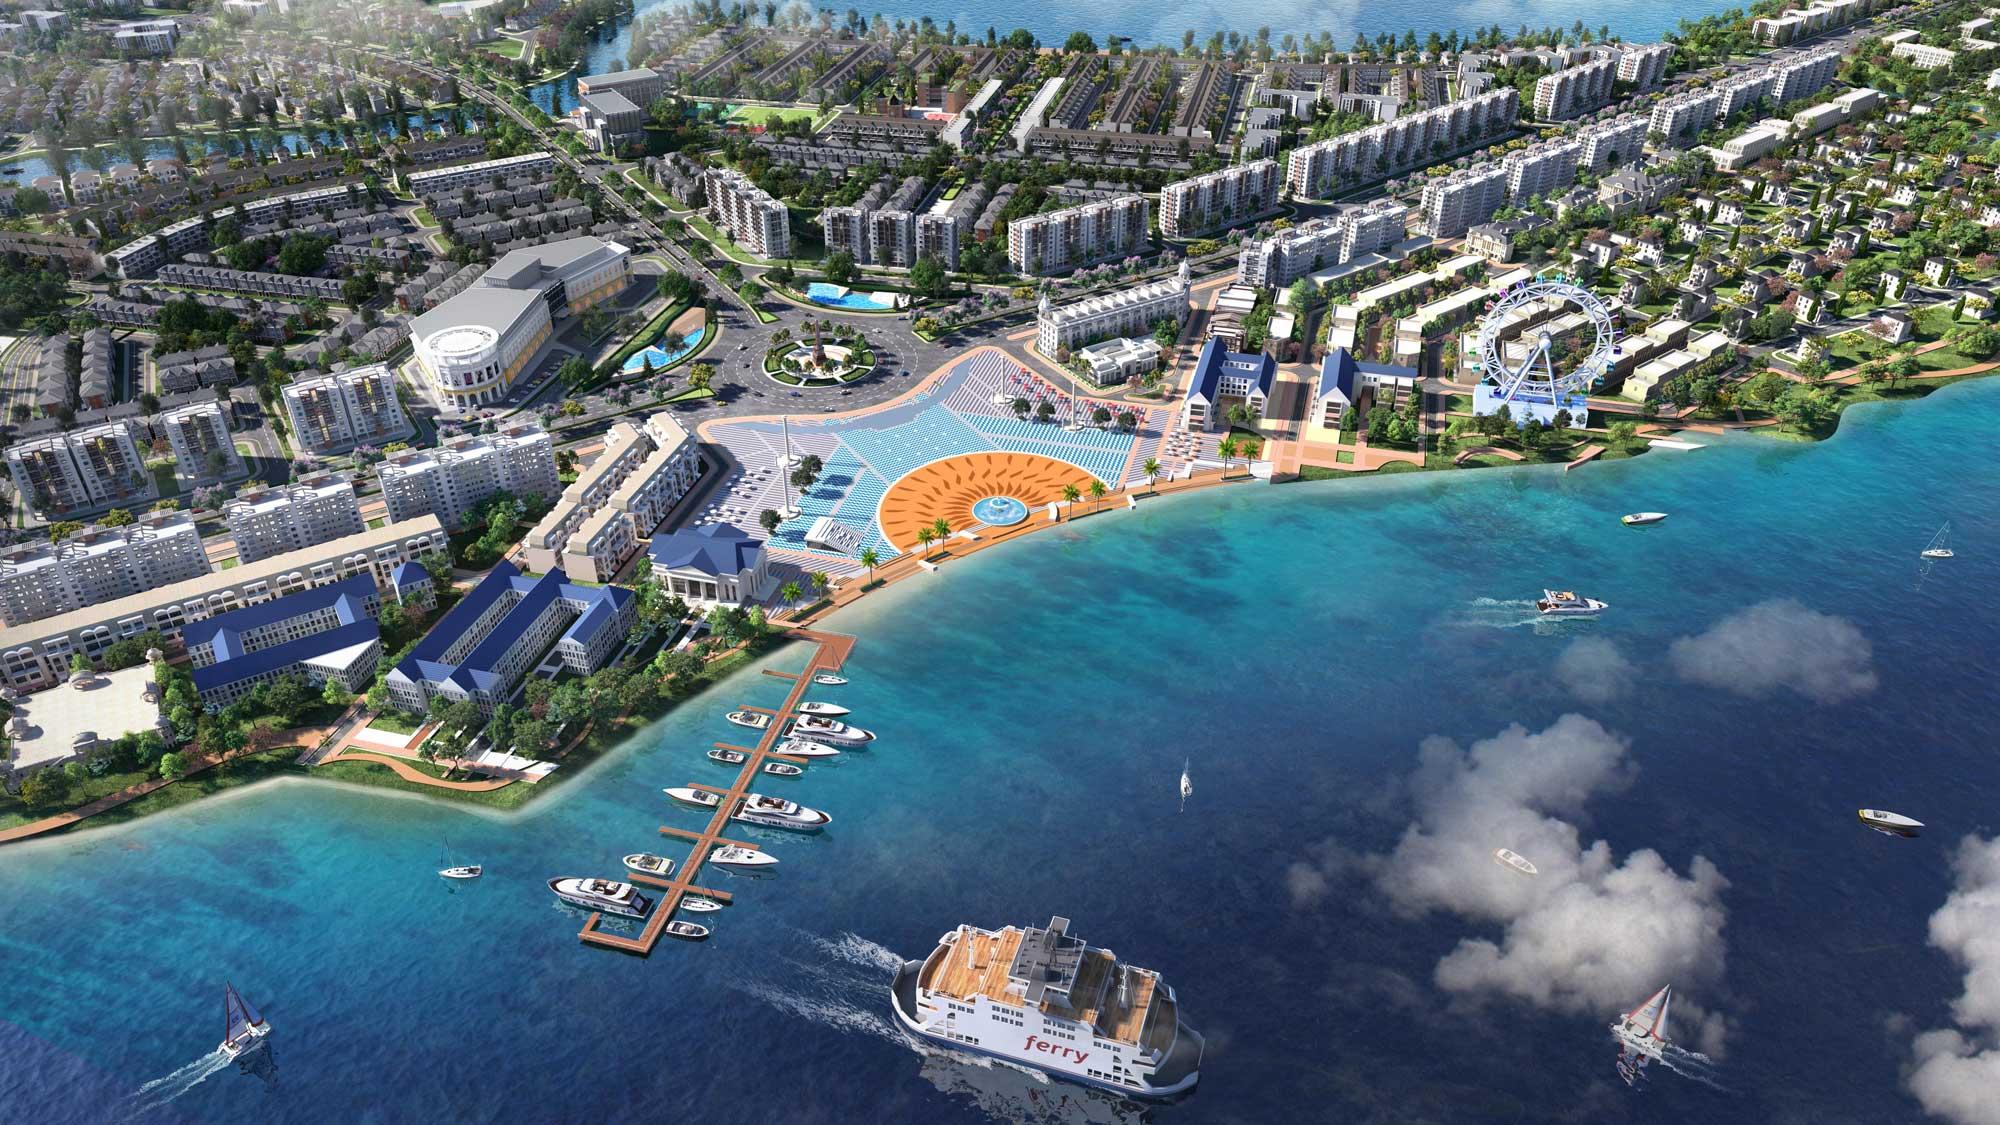 Quảng trường Aqua Marina tại dự án aqua City